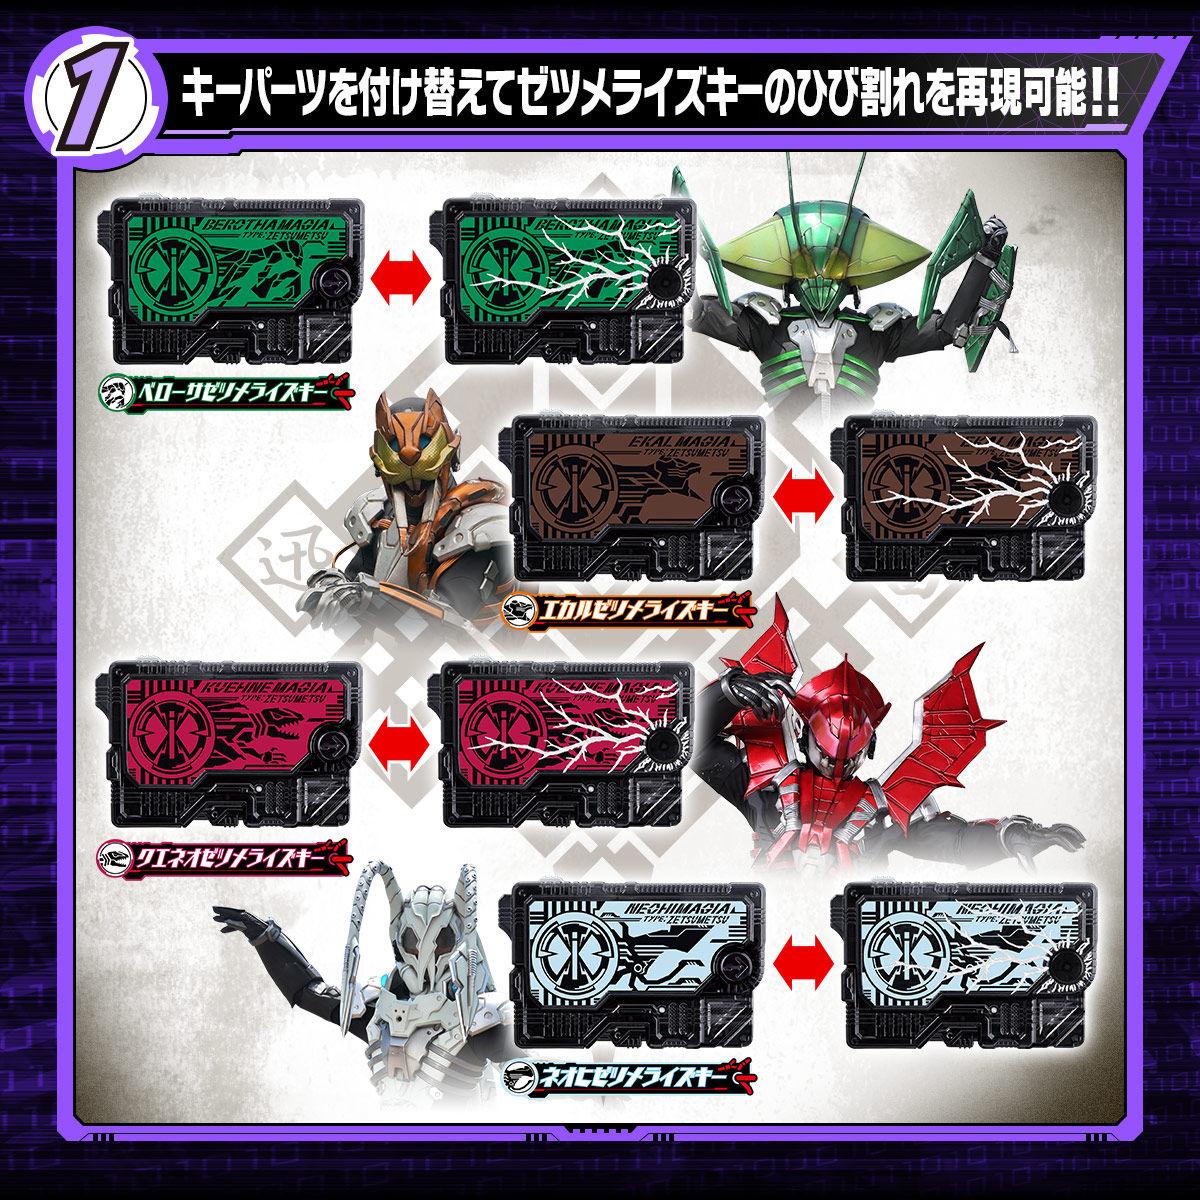 【限定販売】仮面ライダーゼロワン『DXゼツメライズキーセット』変身なりきり-003